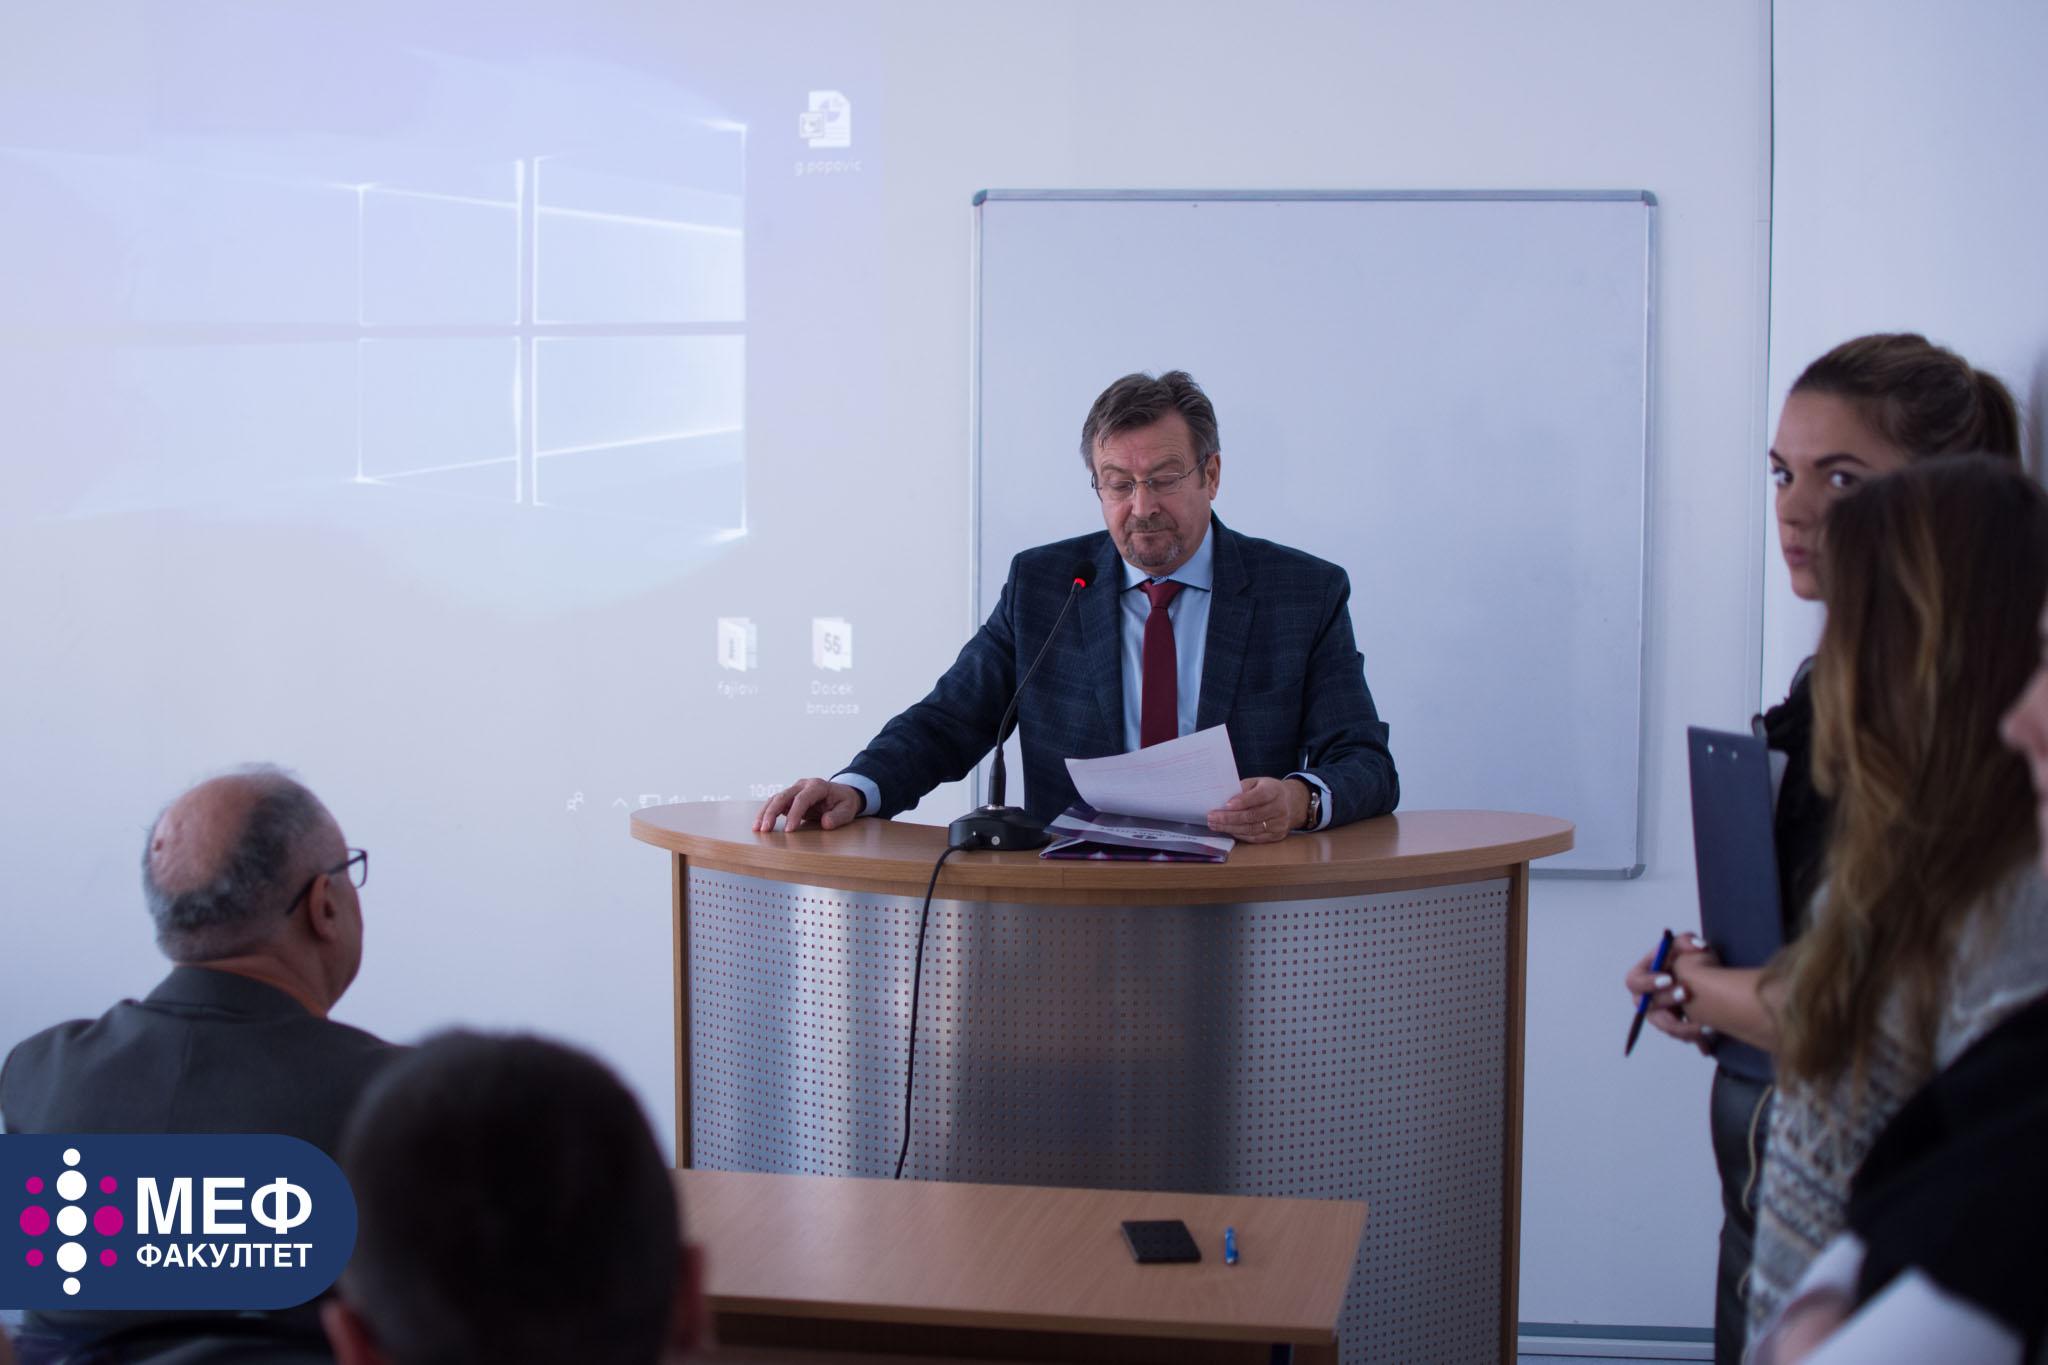 MEF Fakultet - izvestaj sa konferencije 3